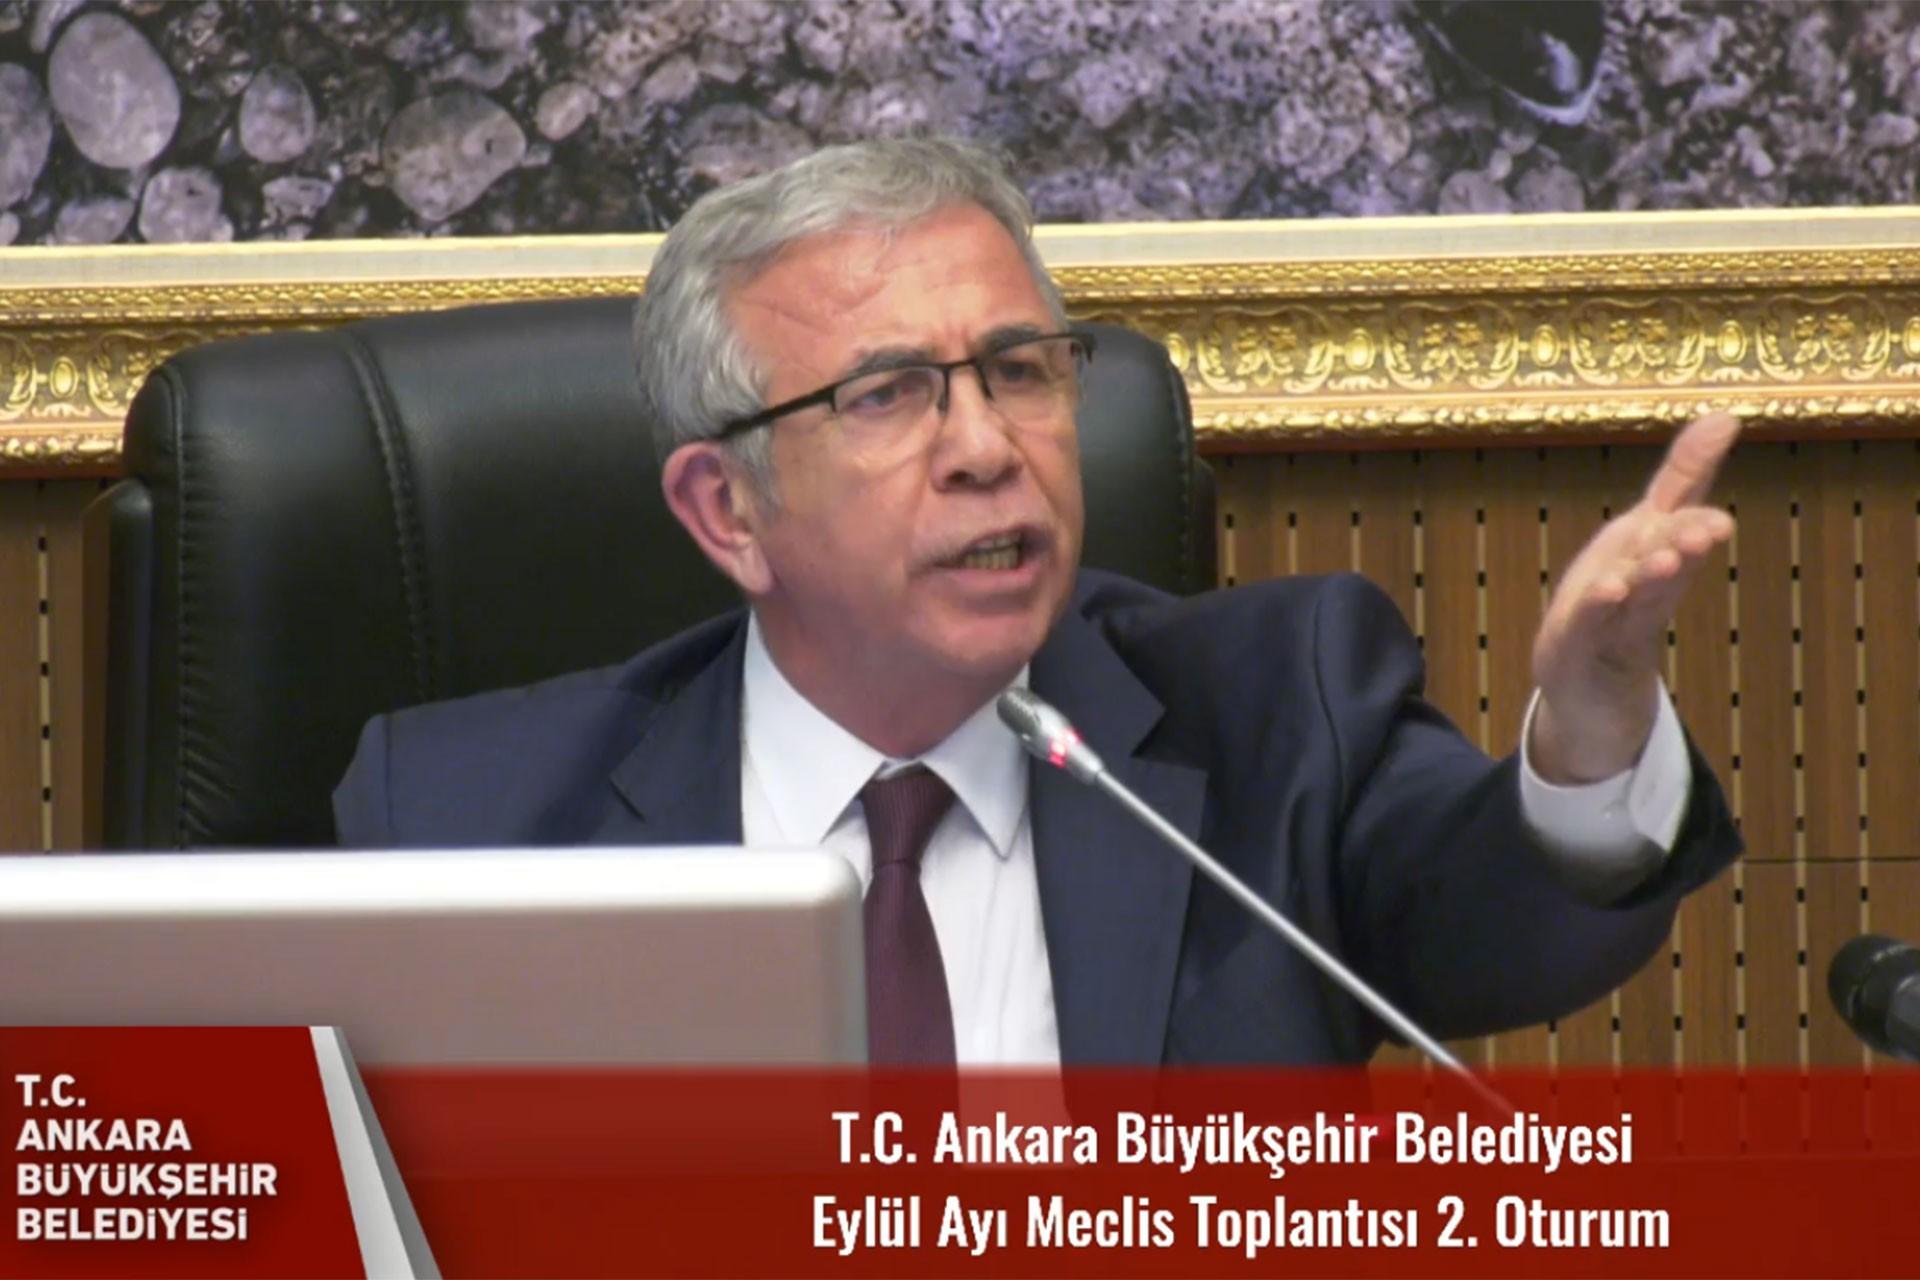 Yavaş'tan AKP'li Başkan'a 'çocuk koruma evleri' yanıtı: Tecavüz vakası var ortada